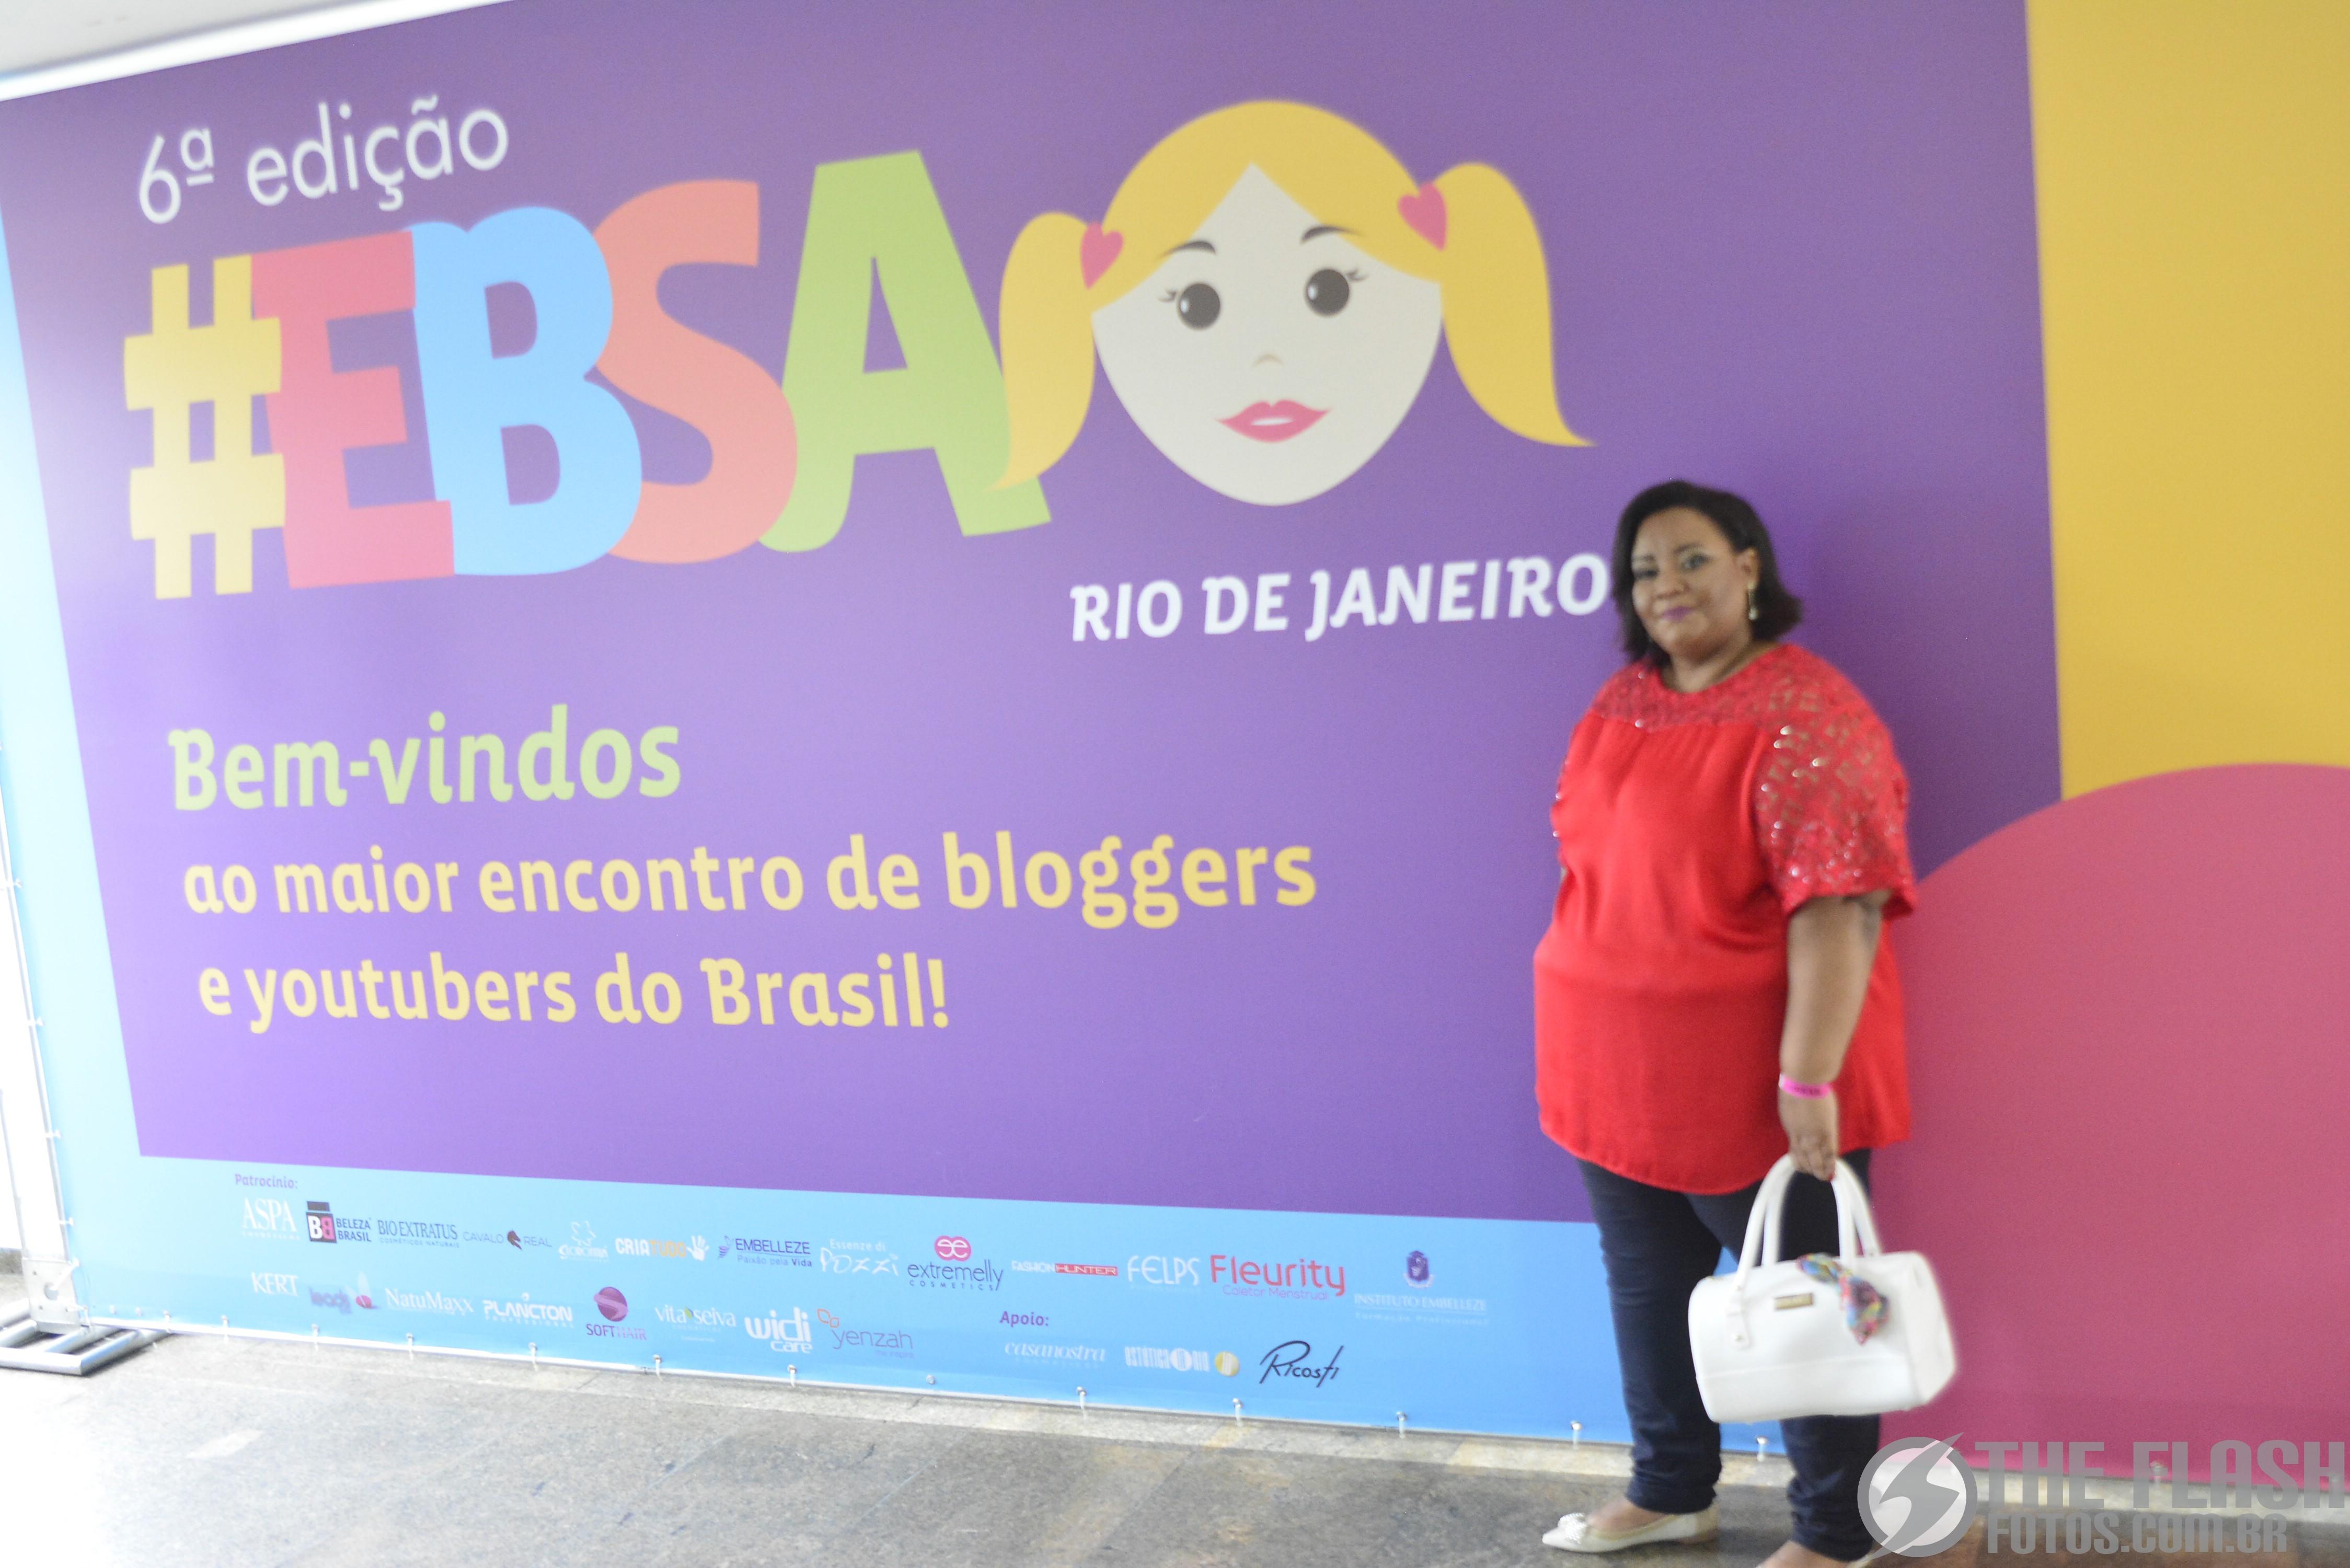 Ebsa6 - o maior evento para influenciadores do Brasil